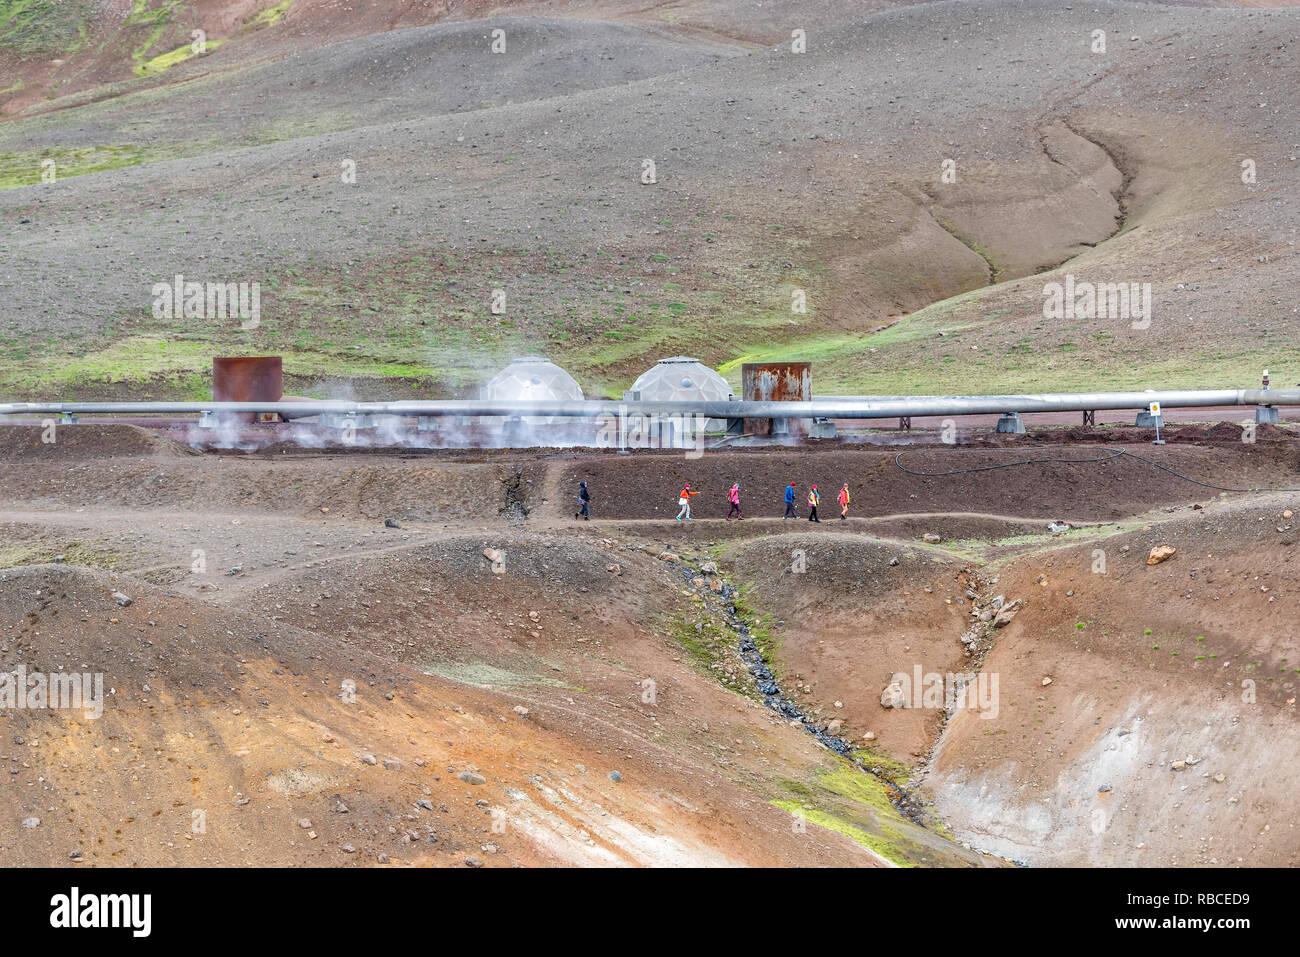 Krafla, Islande - 16 juin 2018: Kroflustod Power Station près de volcan et lac Myvatn en utilisant l'énergie géothermique avec la vapeur d'un bain à vapeur et les gens les randonneurs près de Photo Stock